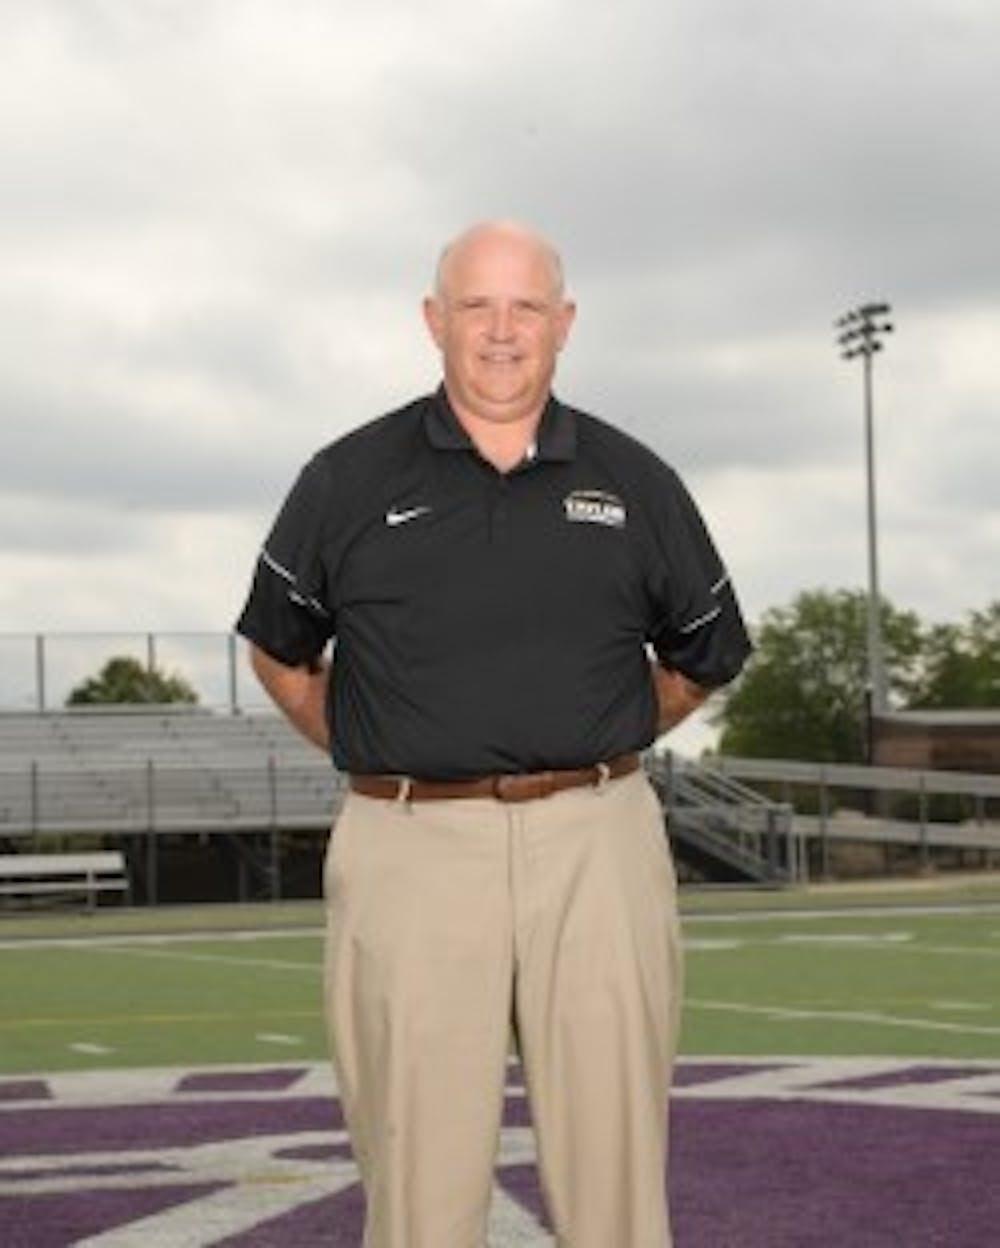 Coach Rick Fox follows God's call